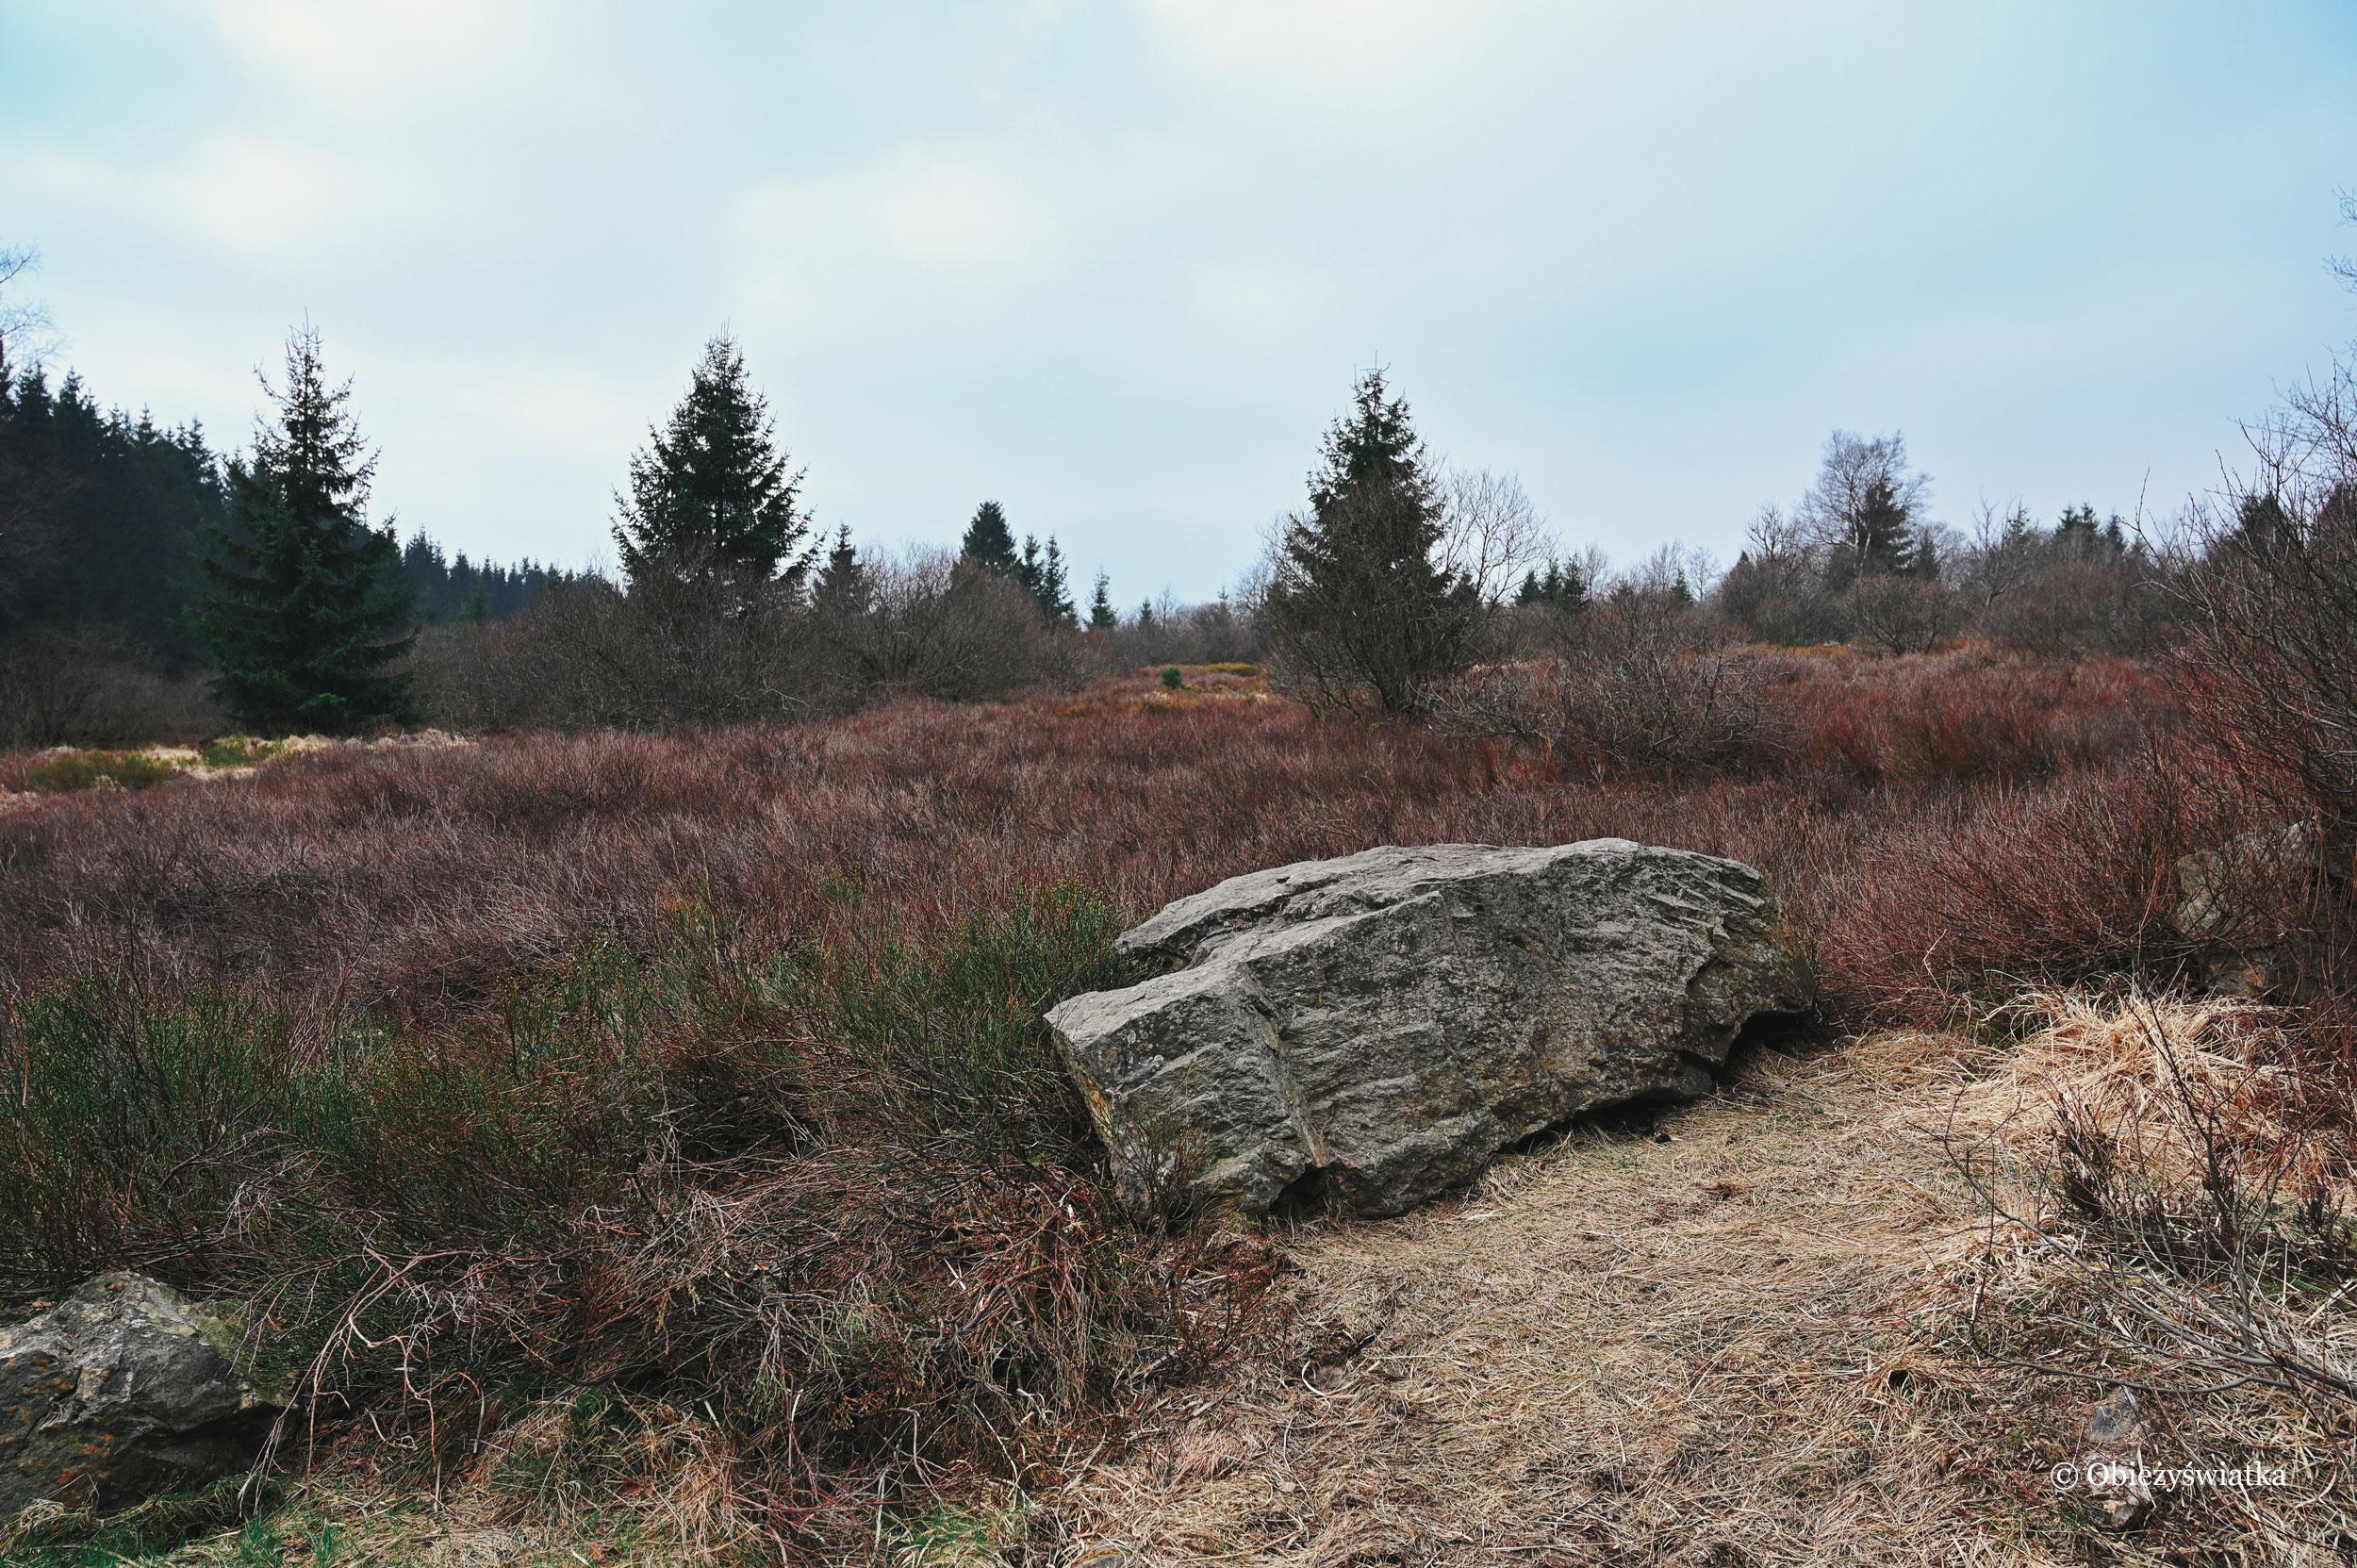 Wrzosowiska - Hohes Venn, Belgia